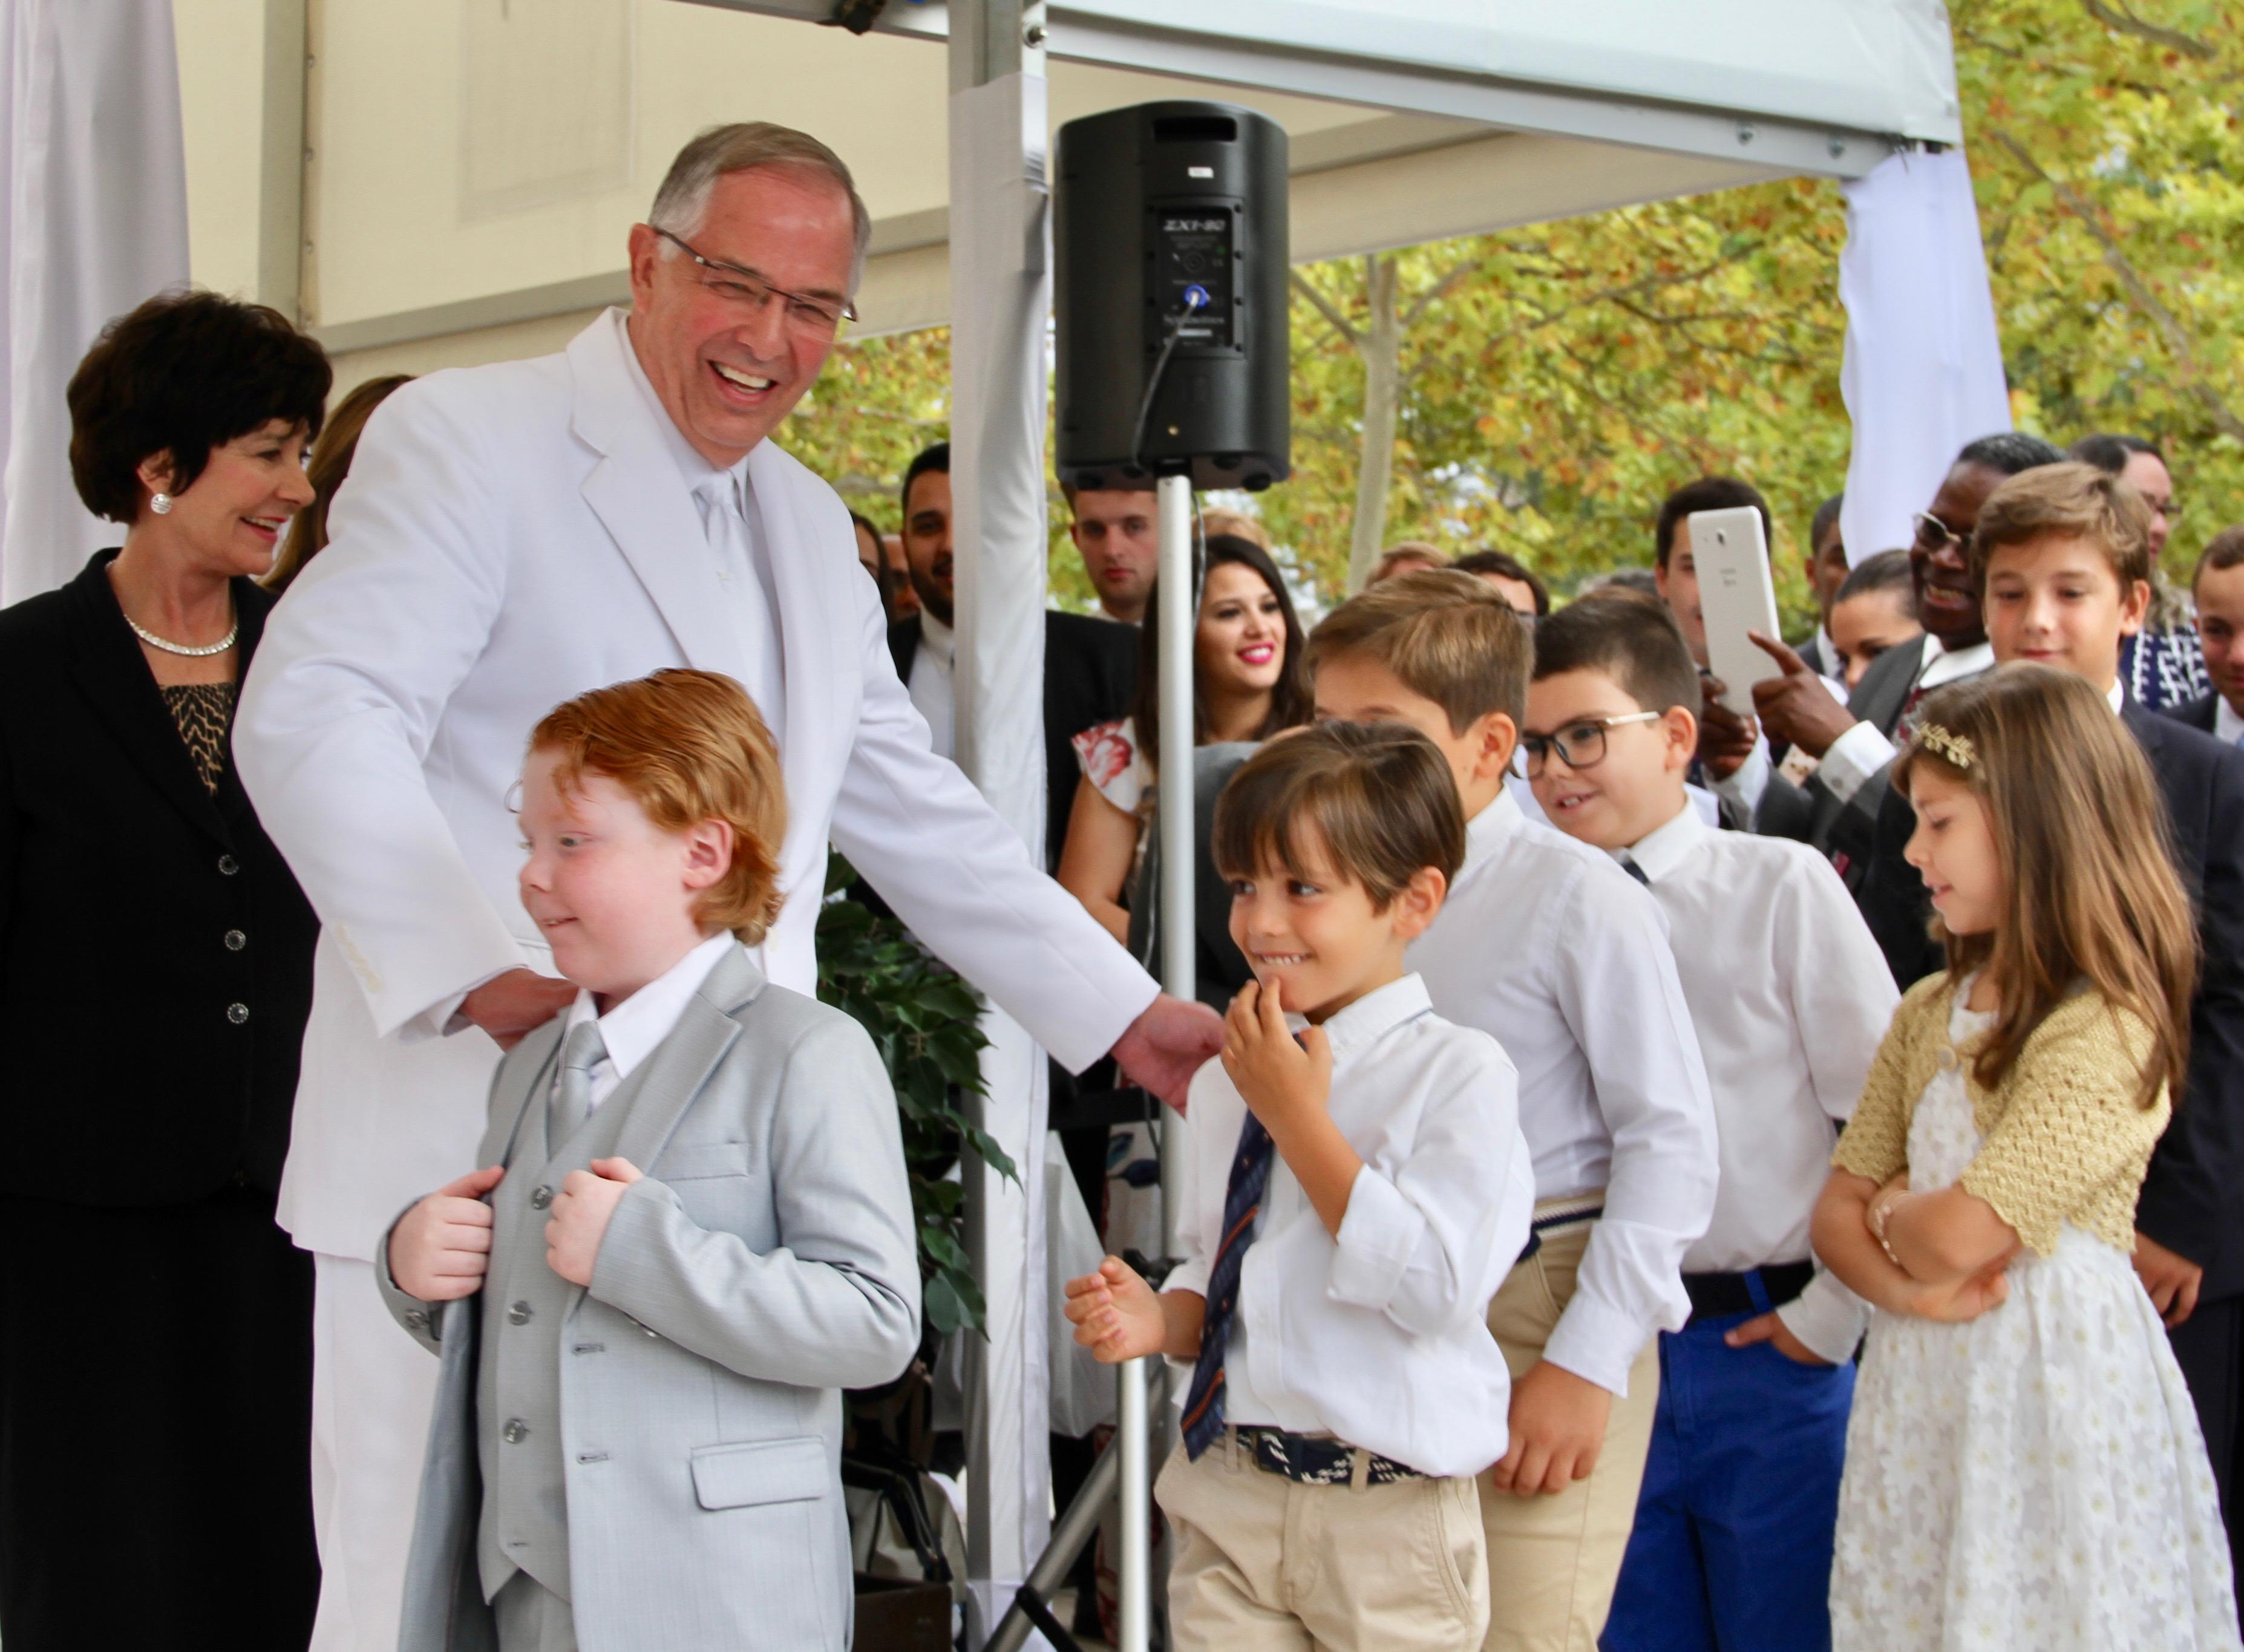 O élder Neil L. Andersen, do Quórum dos Doze Apóstolos, ajuda a orientar várias crianças a participar da cerimônia de colocação da pedra de angular na dedicação do Templo de Lisboa Portugal no domingo, 15 de setembro de 2019.